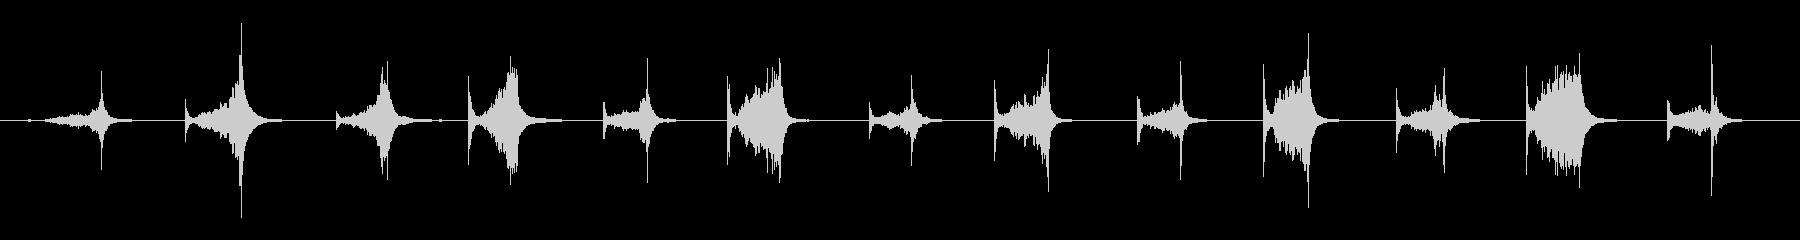 ブッチャーズナイフ:スチール、キッ...の未再生の波形